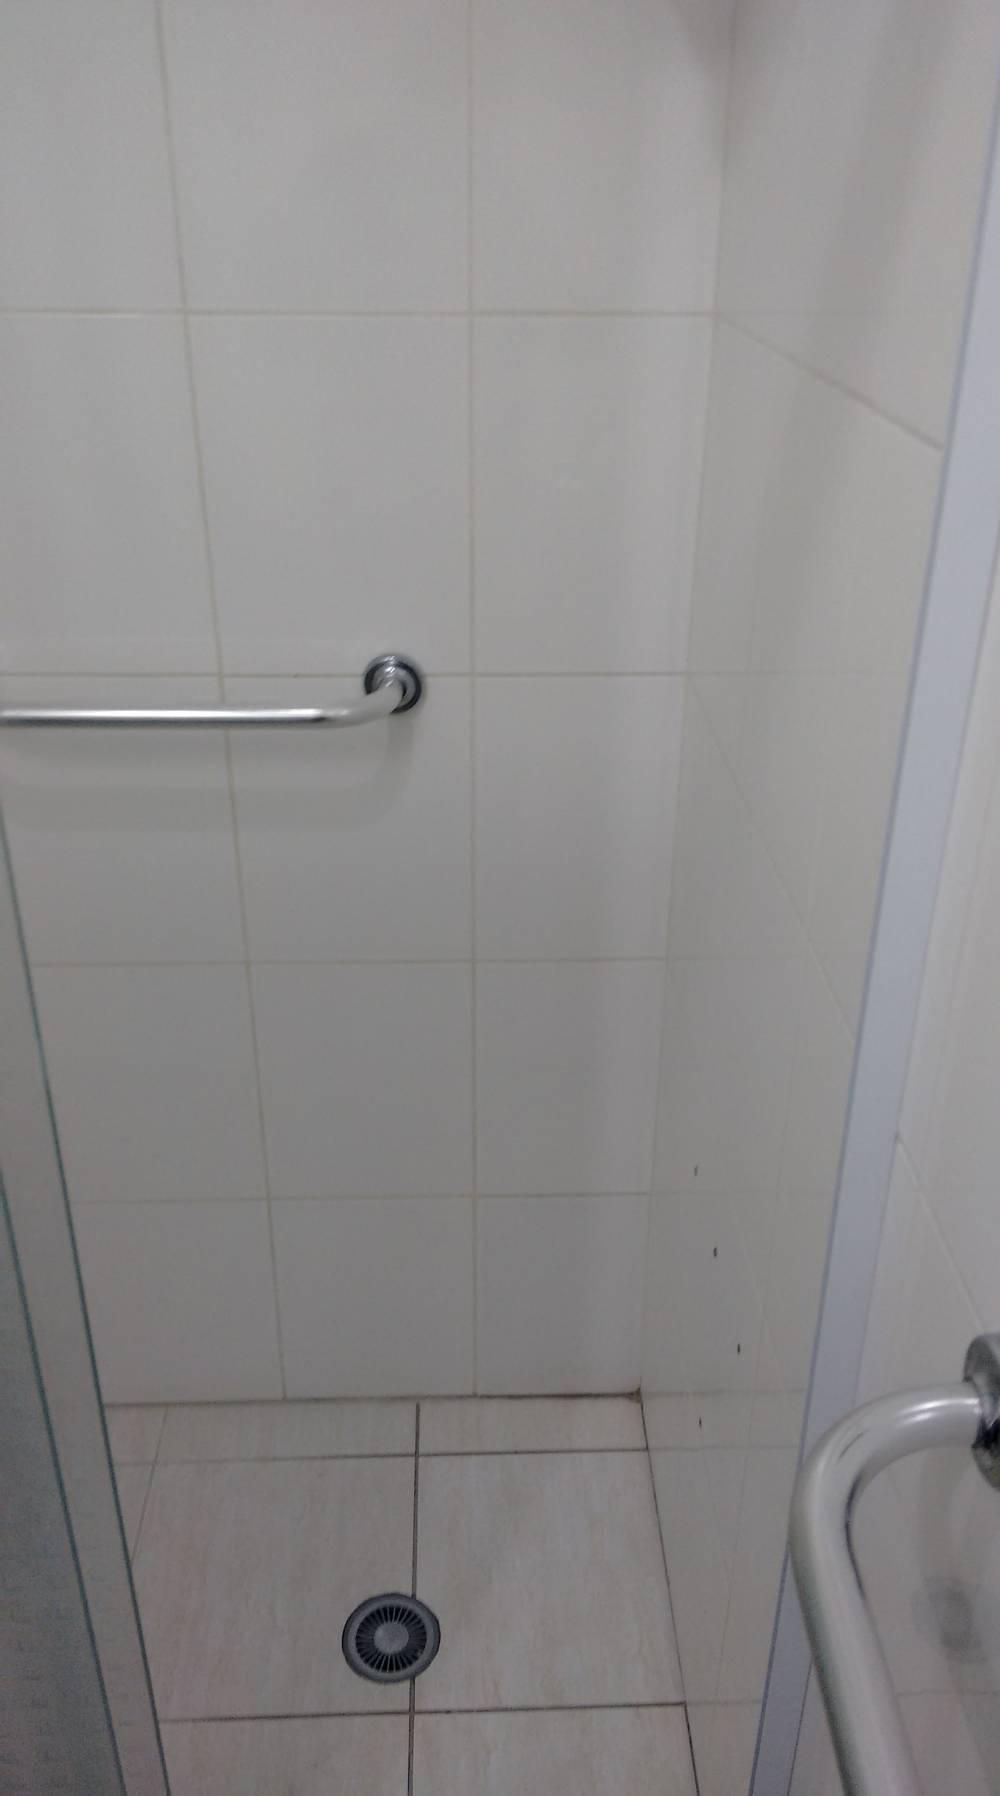 Preciso Fazer Reparos em Minha Residência no Bairro Silveira - Reparos Residenciais na Zona Sul